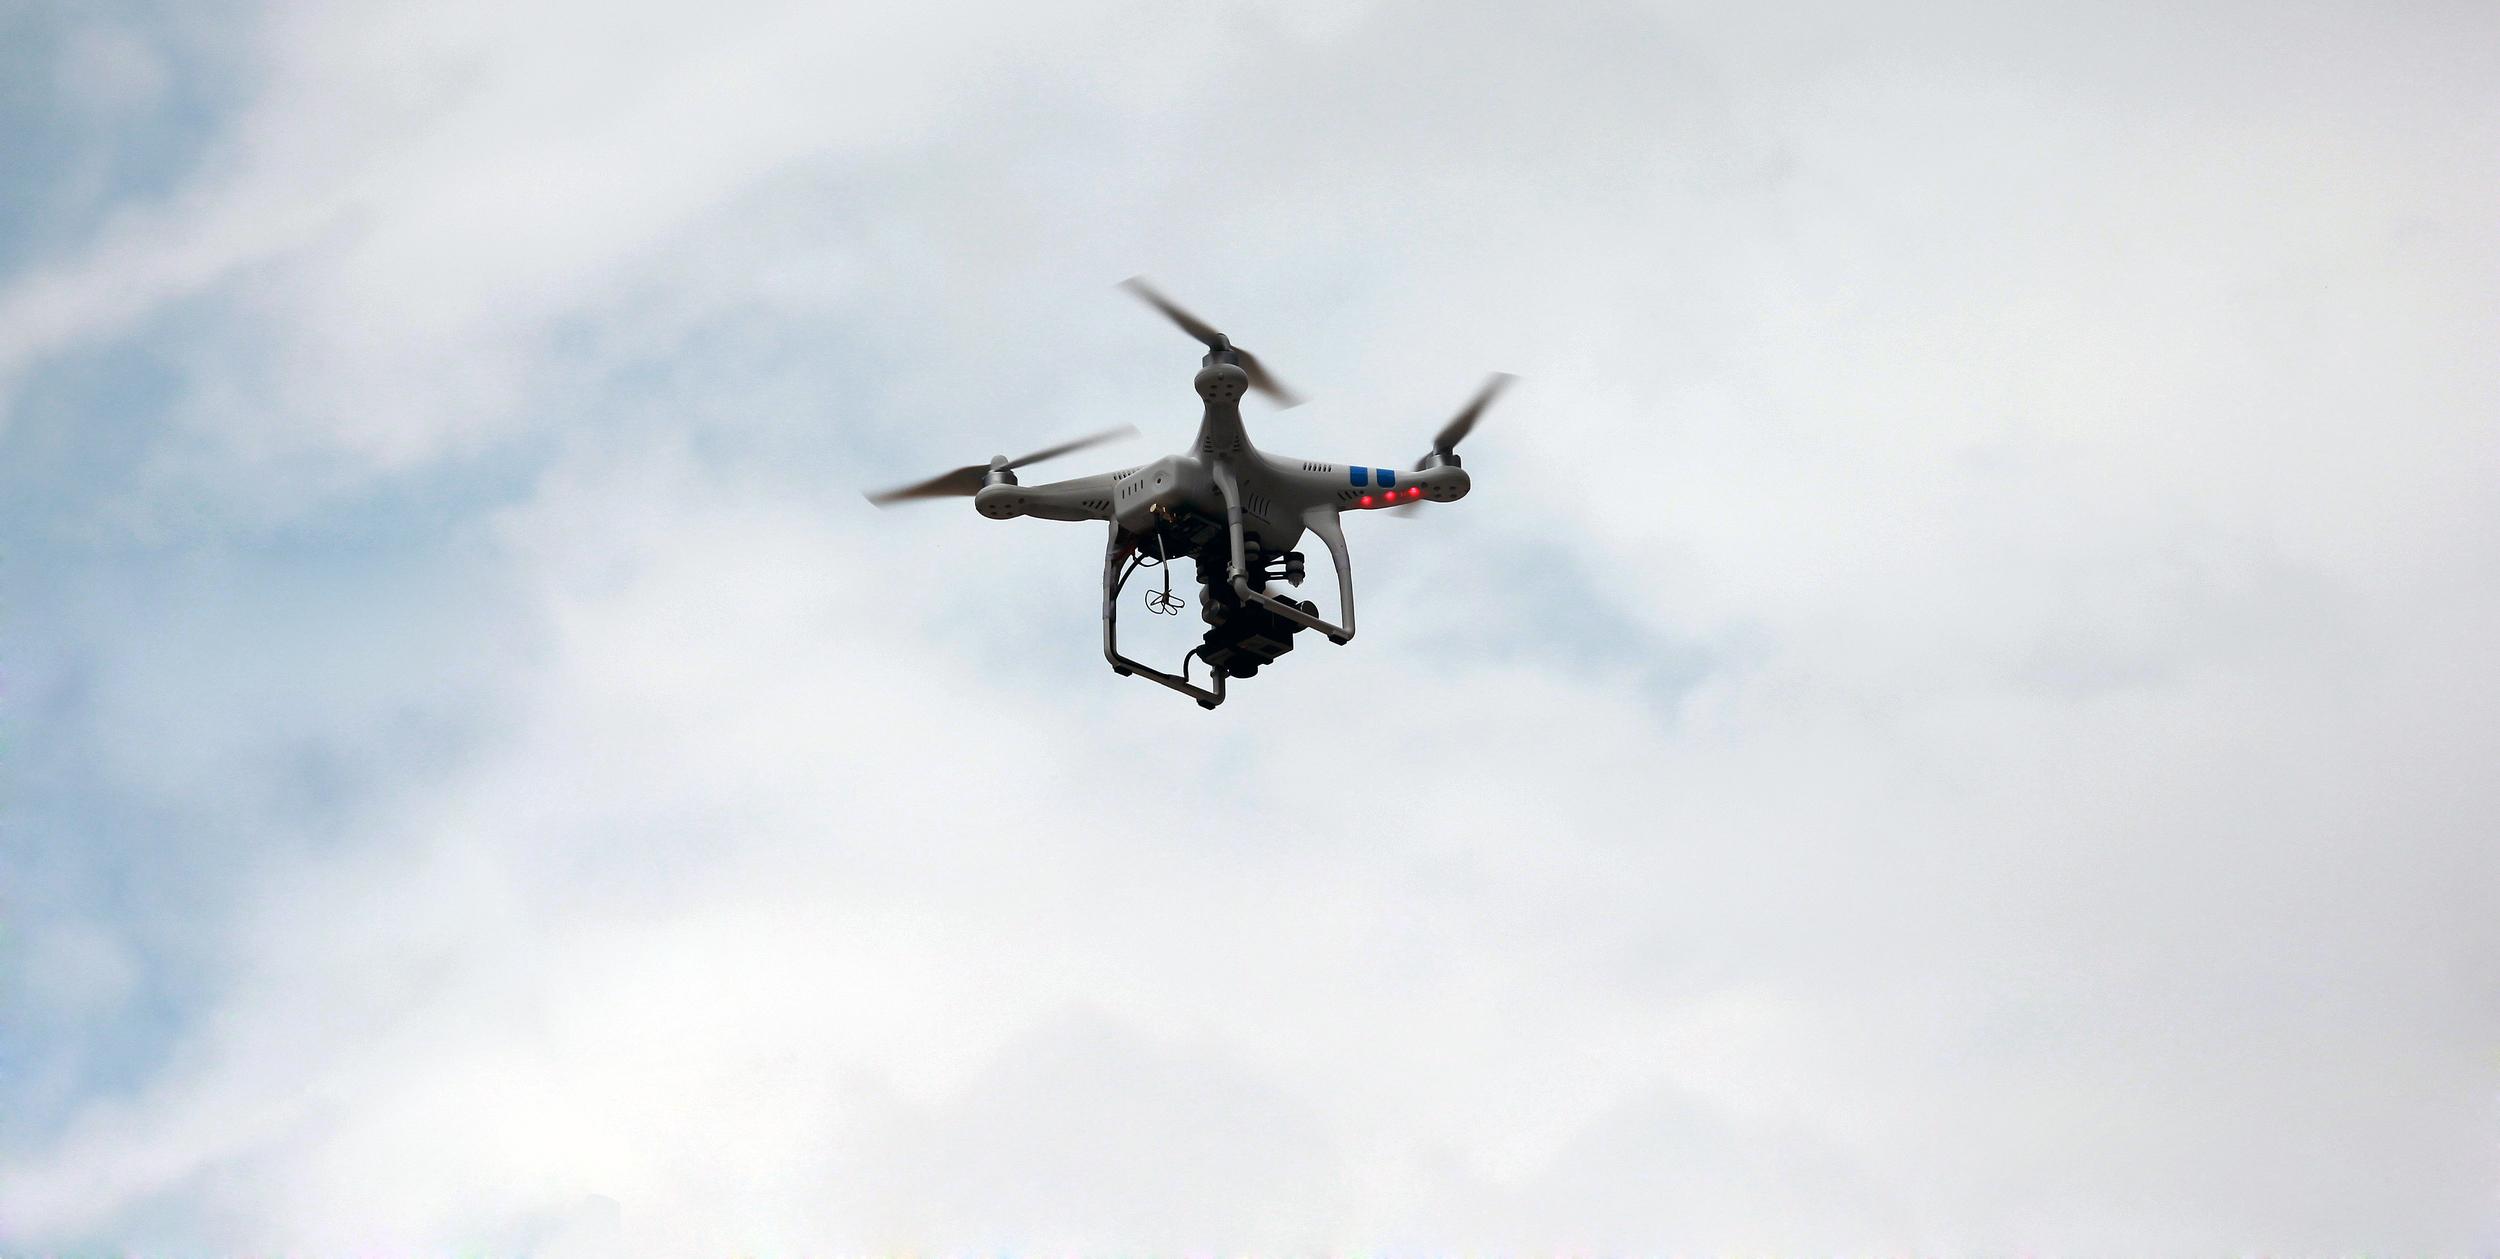 Det er forbudt å bruke droner i forbindelse med jakt.